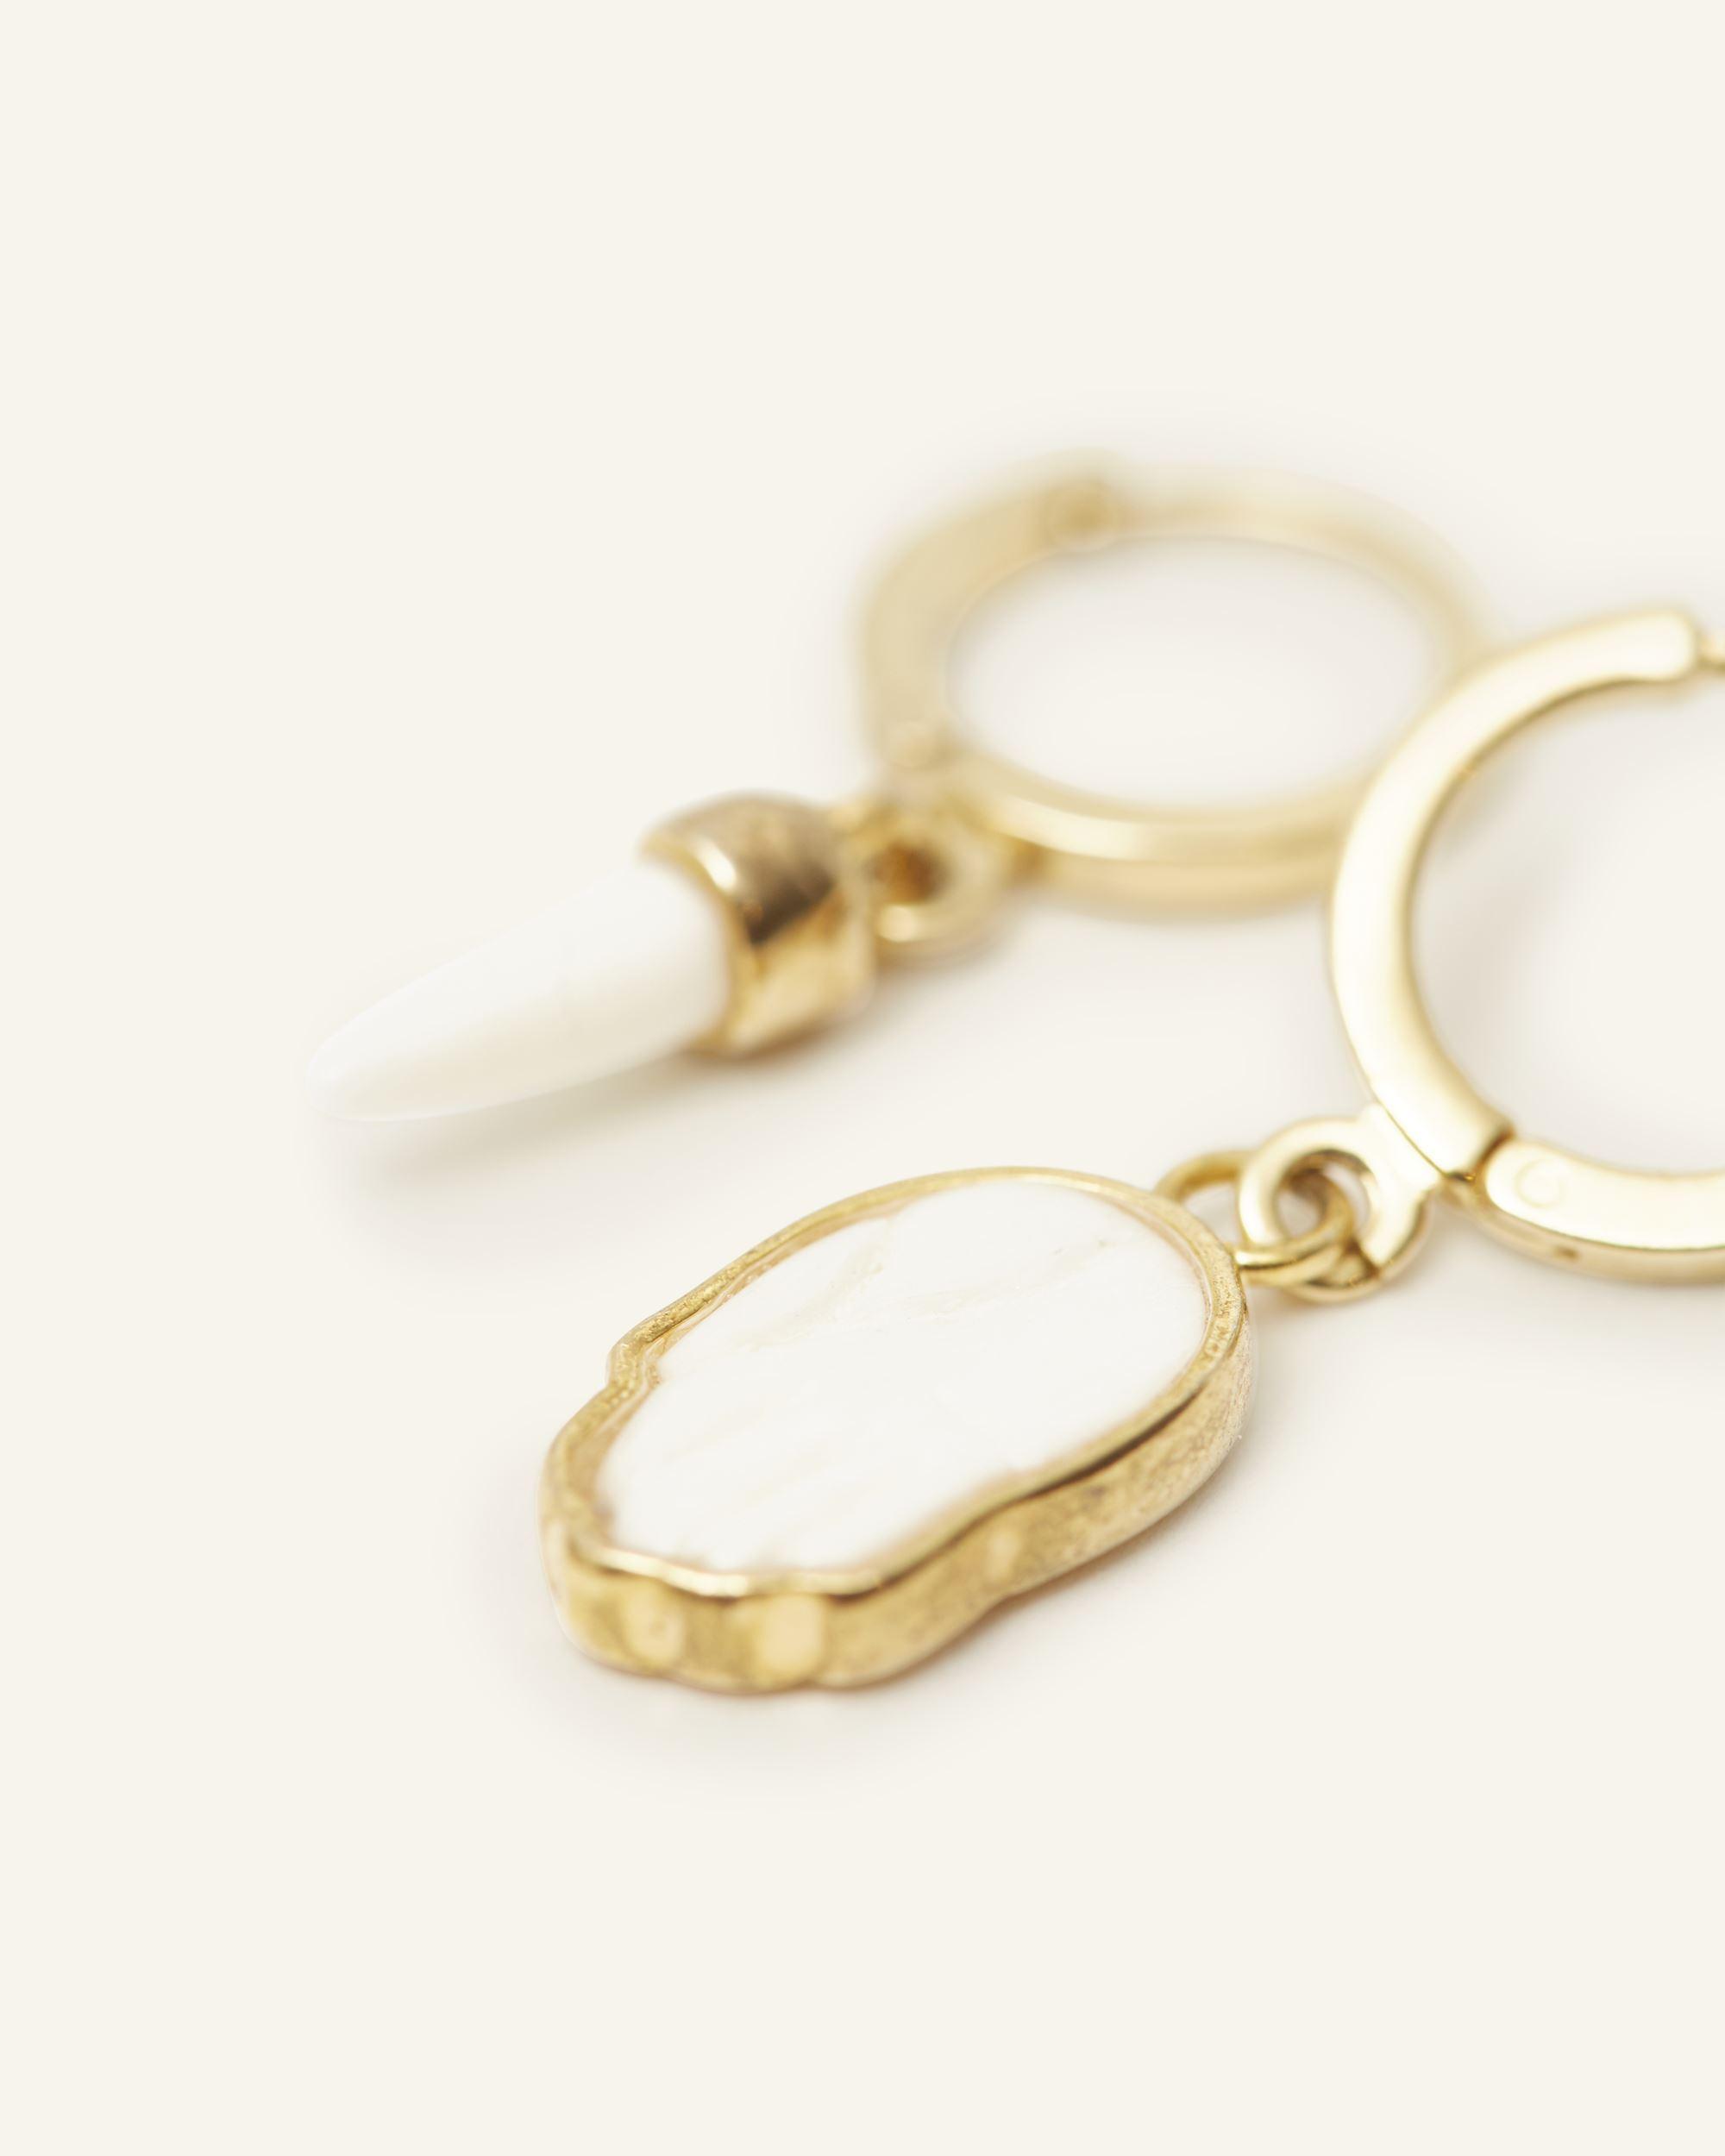 Isabel Marant, Jewellery, Earrings, Gold, Fine jewelry